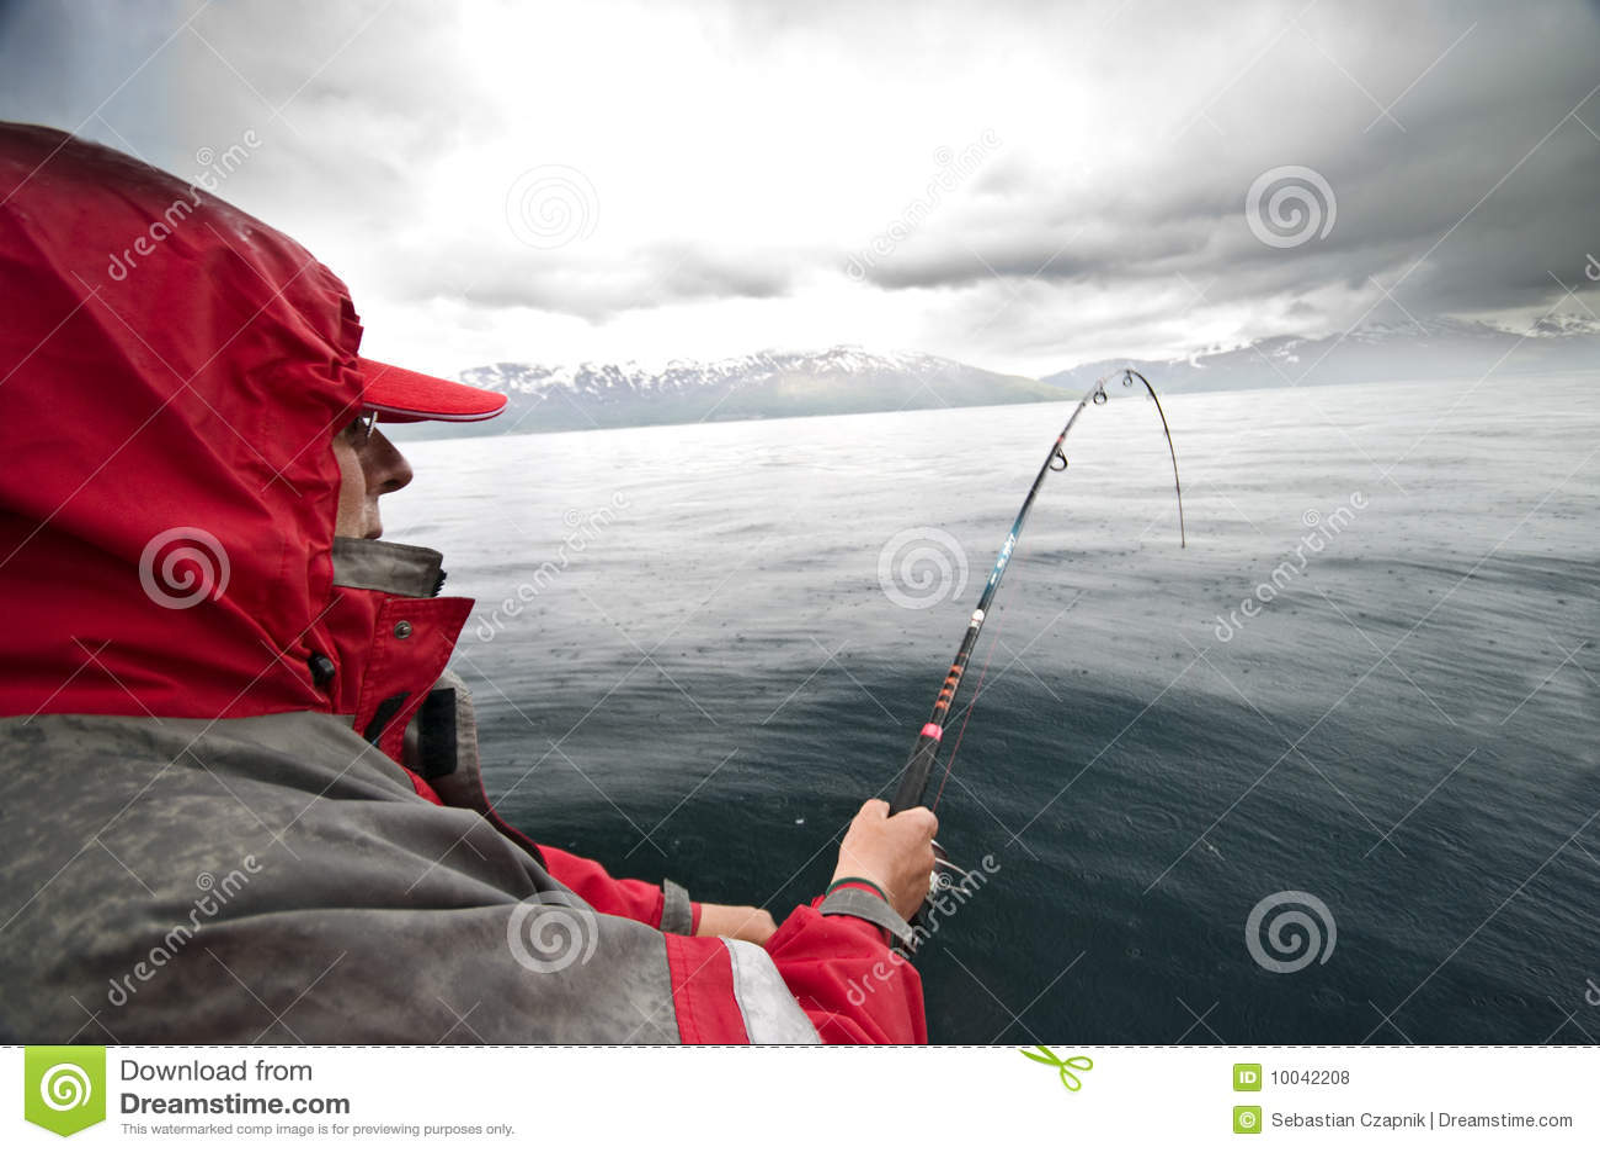 Regenachtige visserij